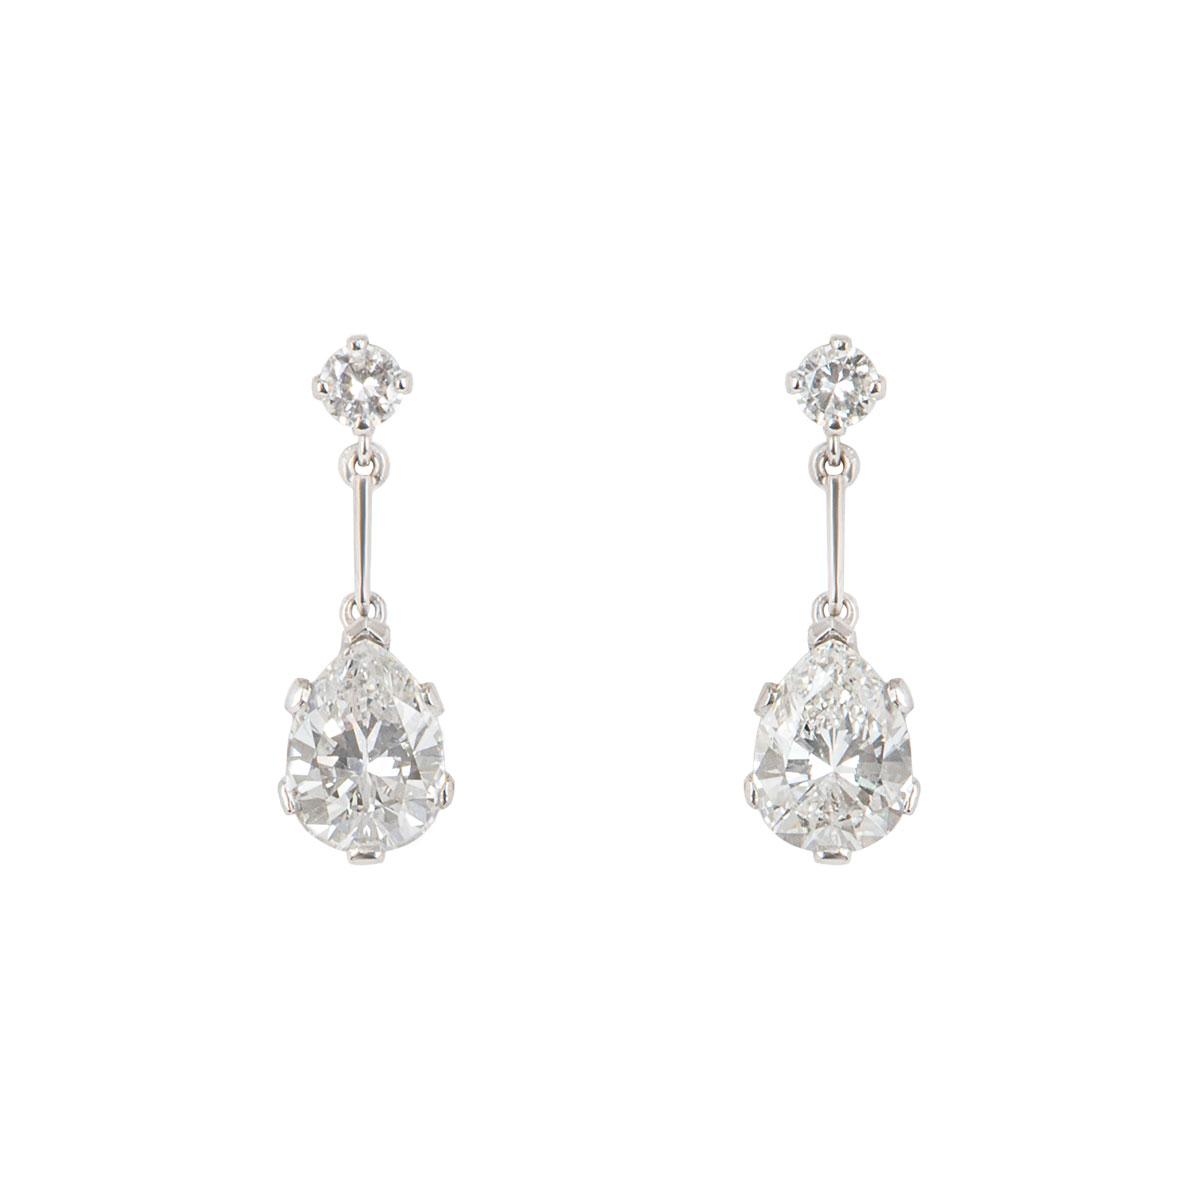 White Gold Diamond Pear Drop Earrings